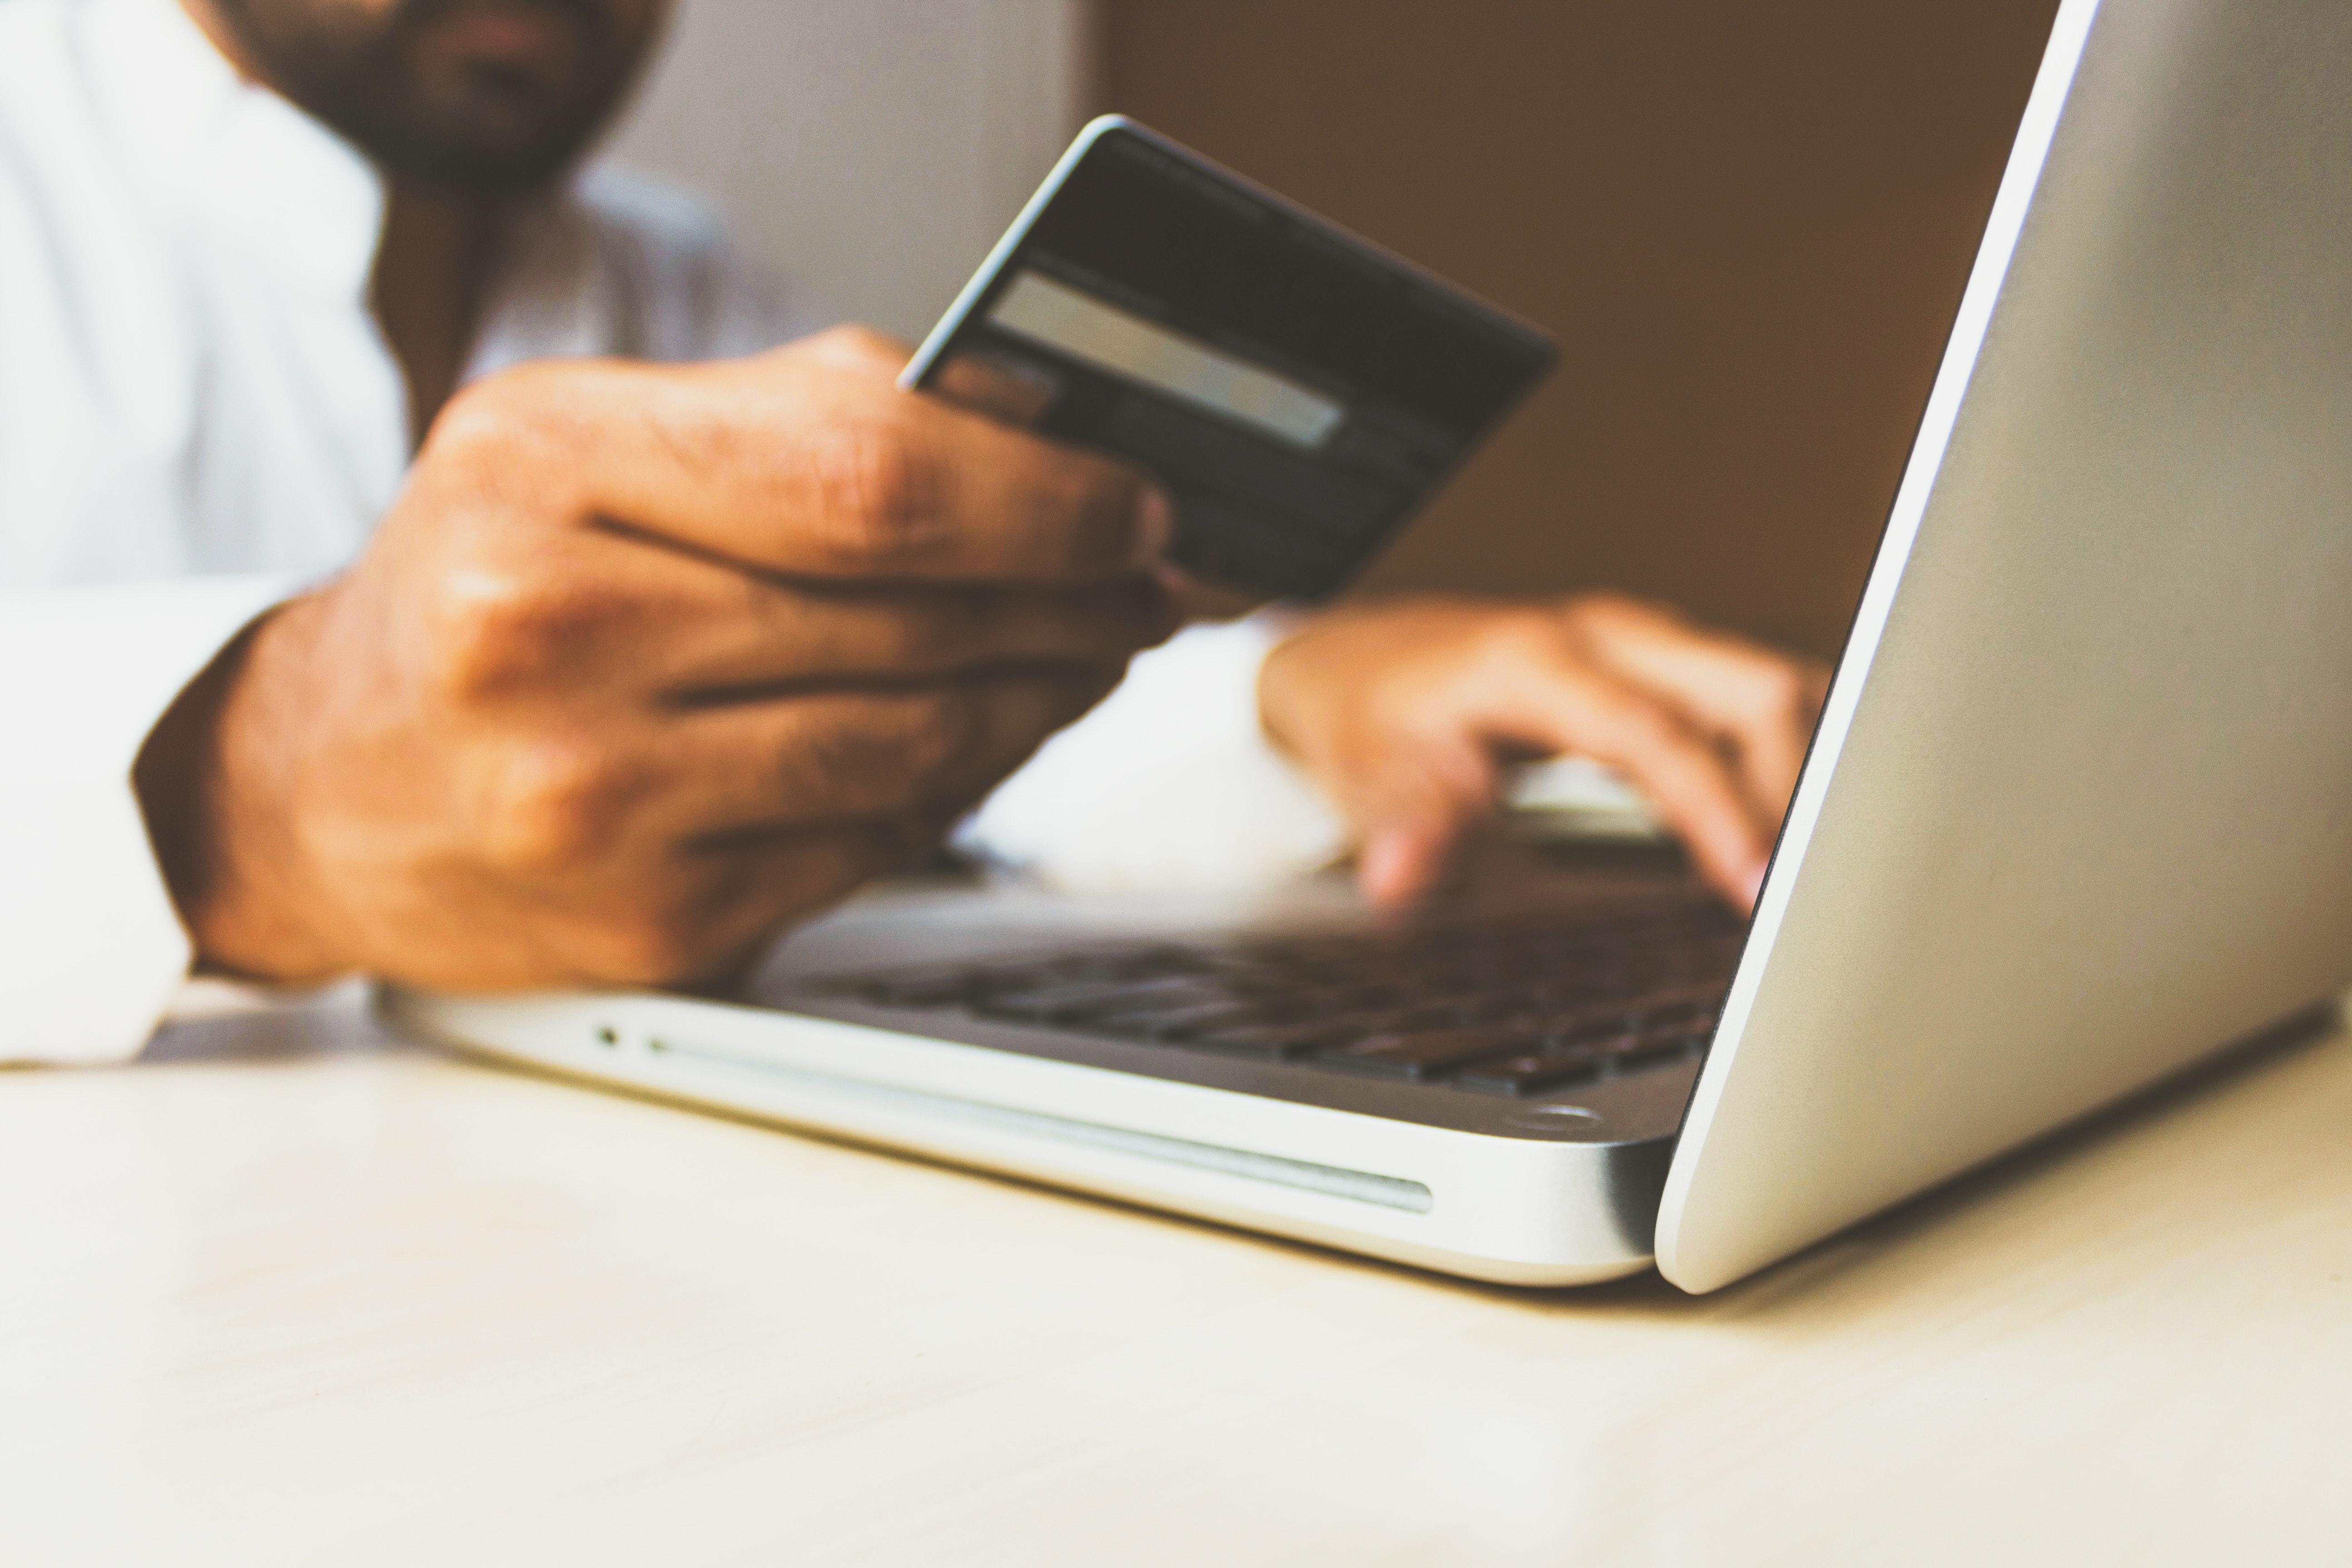 Выгодно ли брать кредиты и стоит ли их гасить досрочно